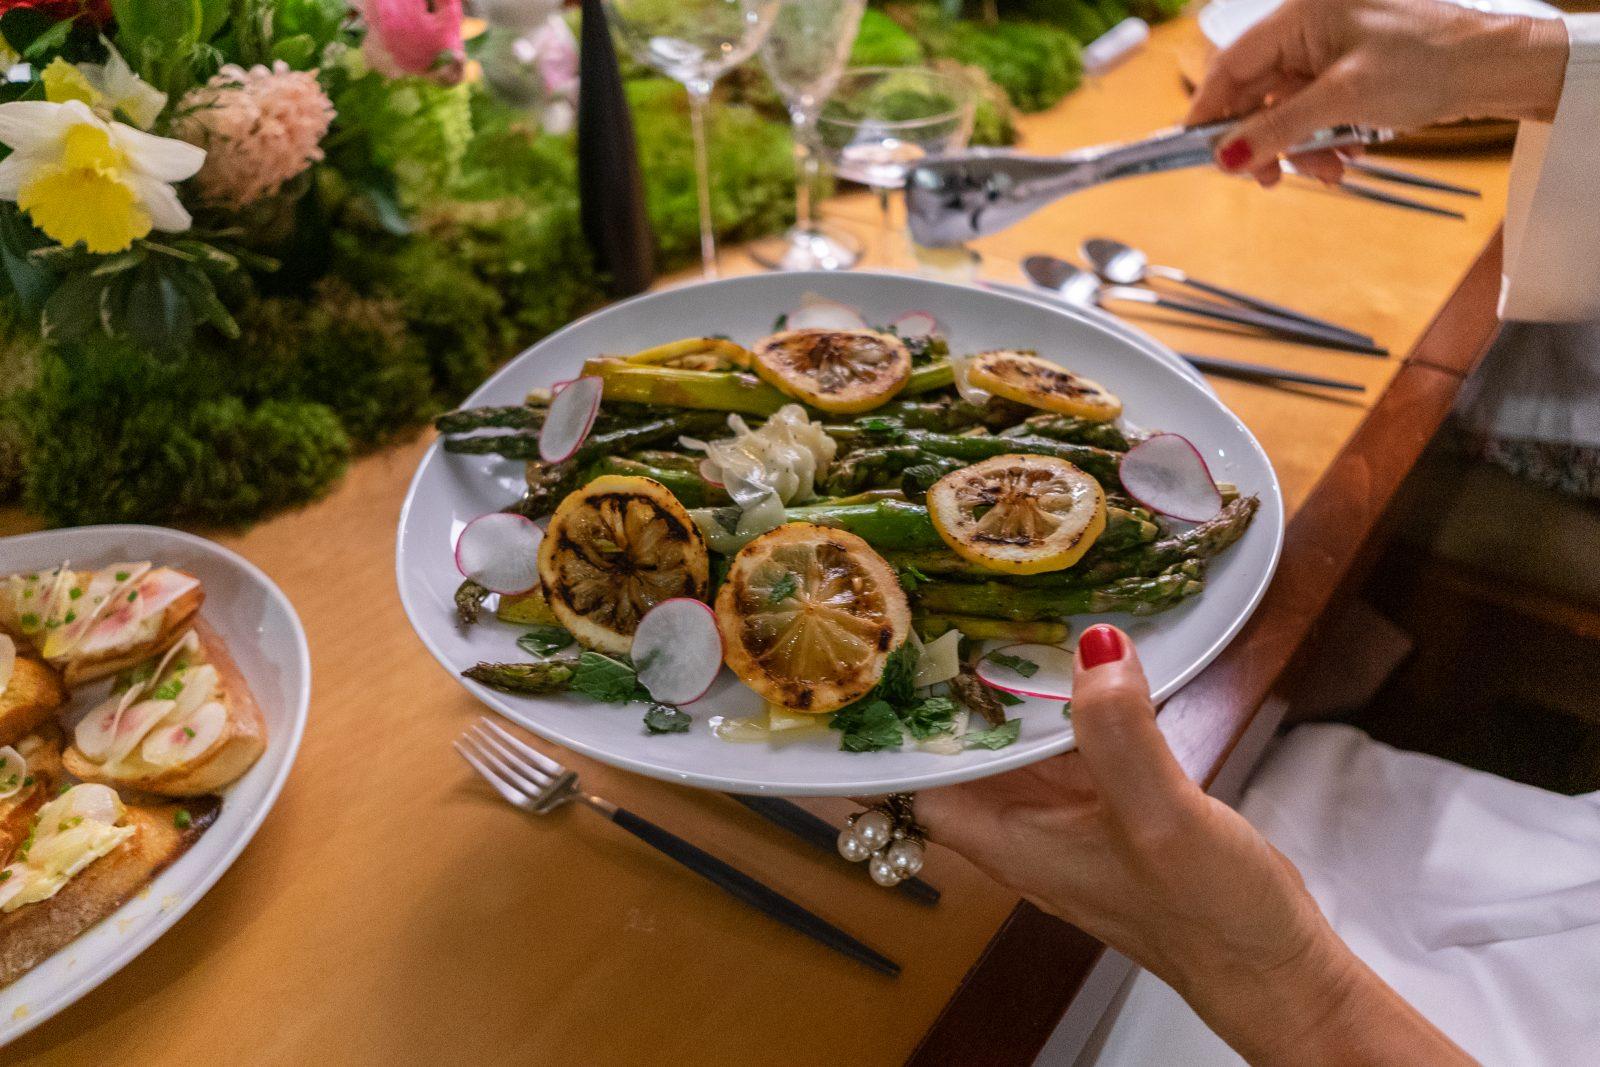 lemon, radishes and roasted asparagus